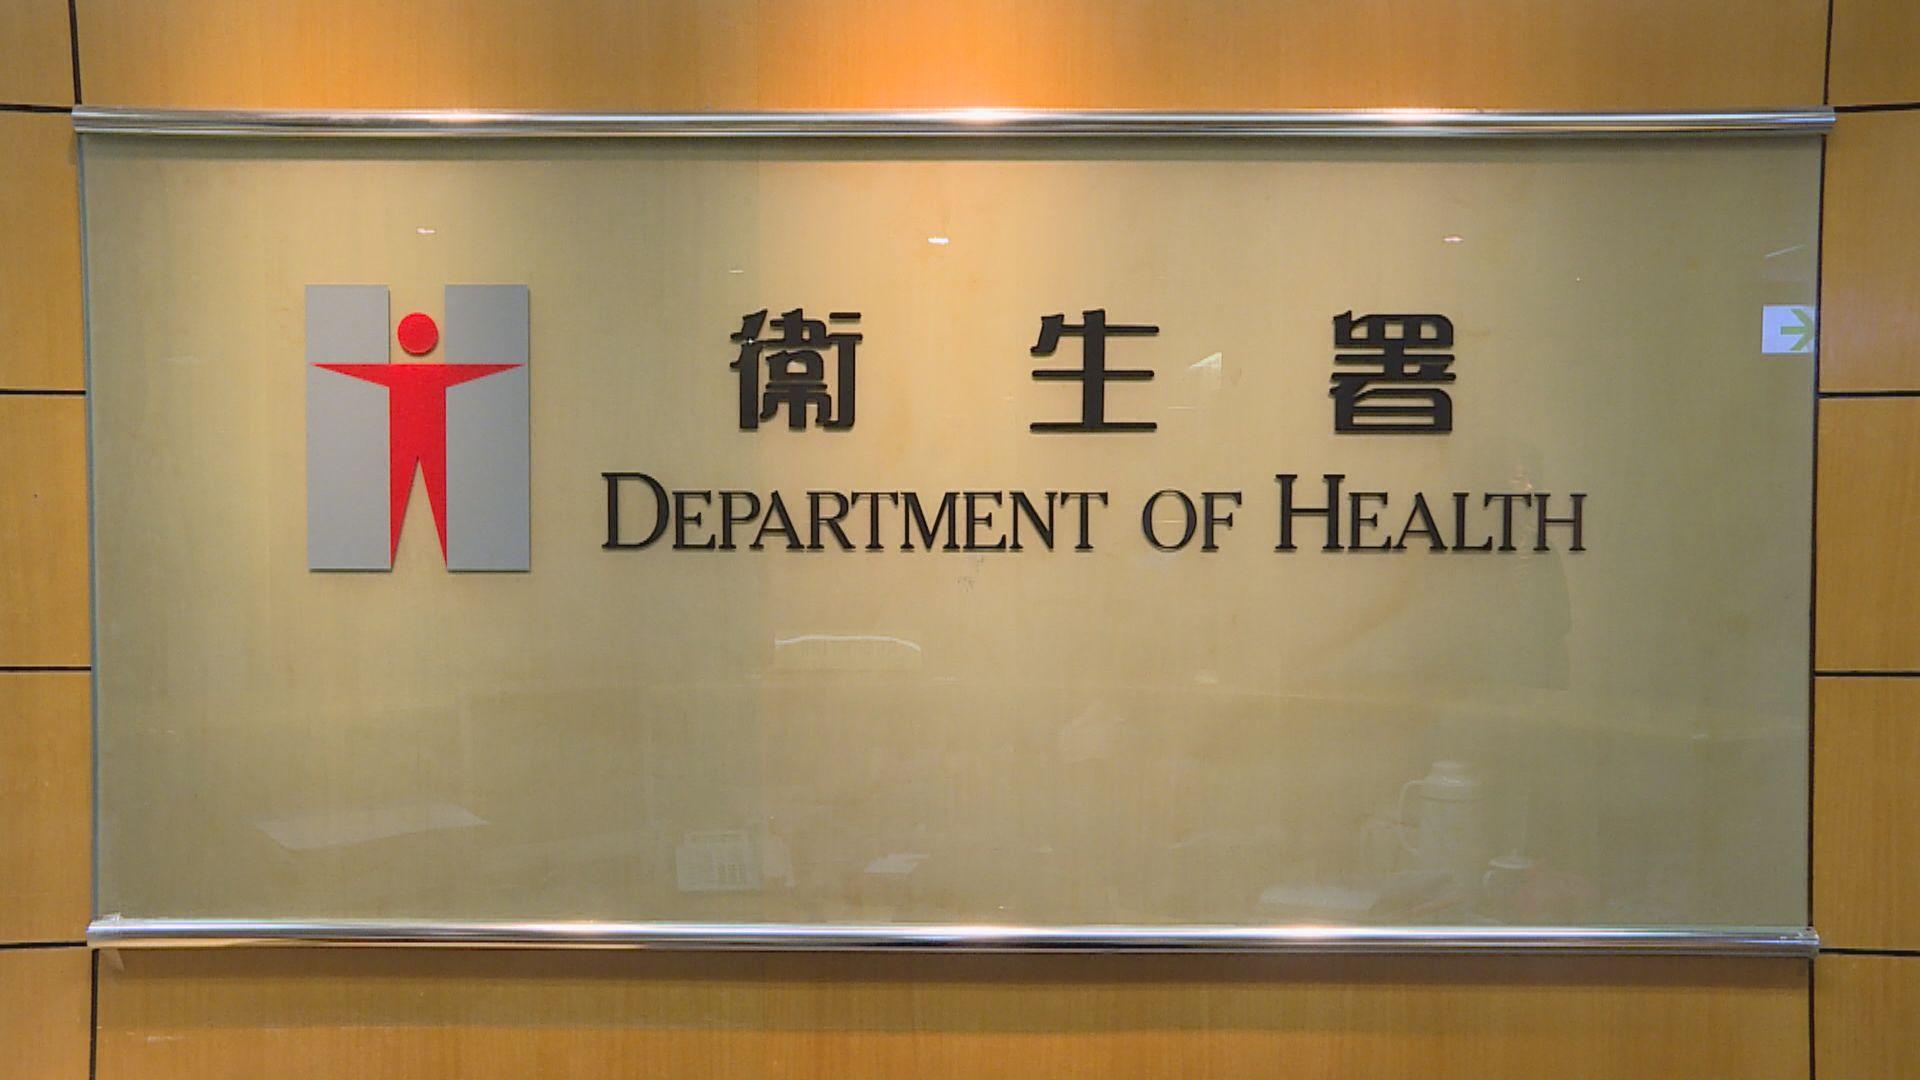 荃灣帝盛酒店代替富豪東方酒店作為等候檢測中心